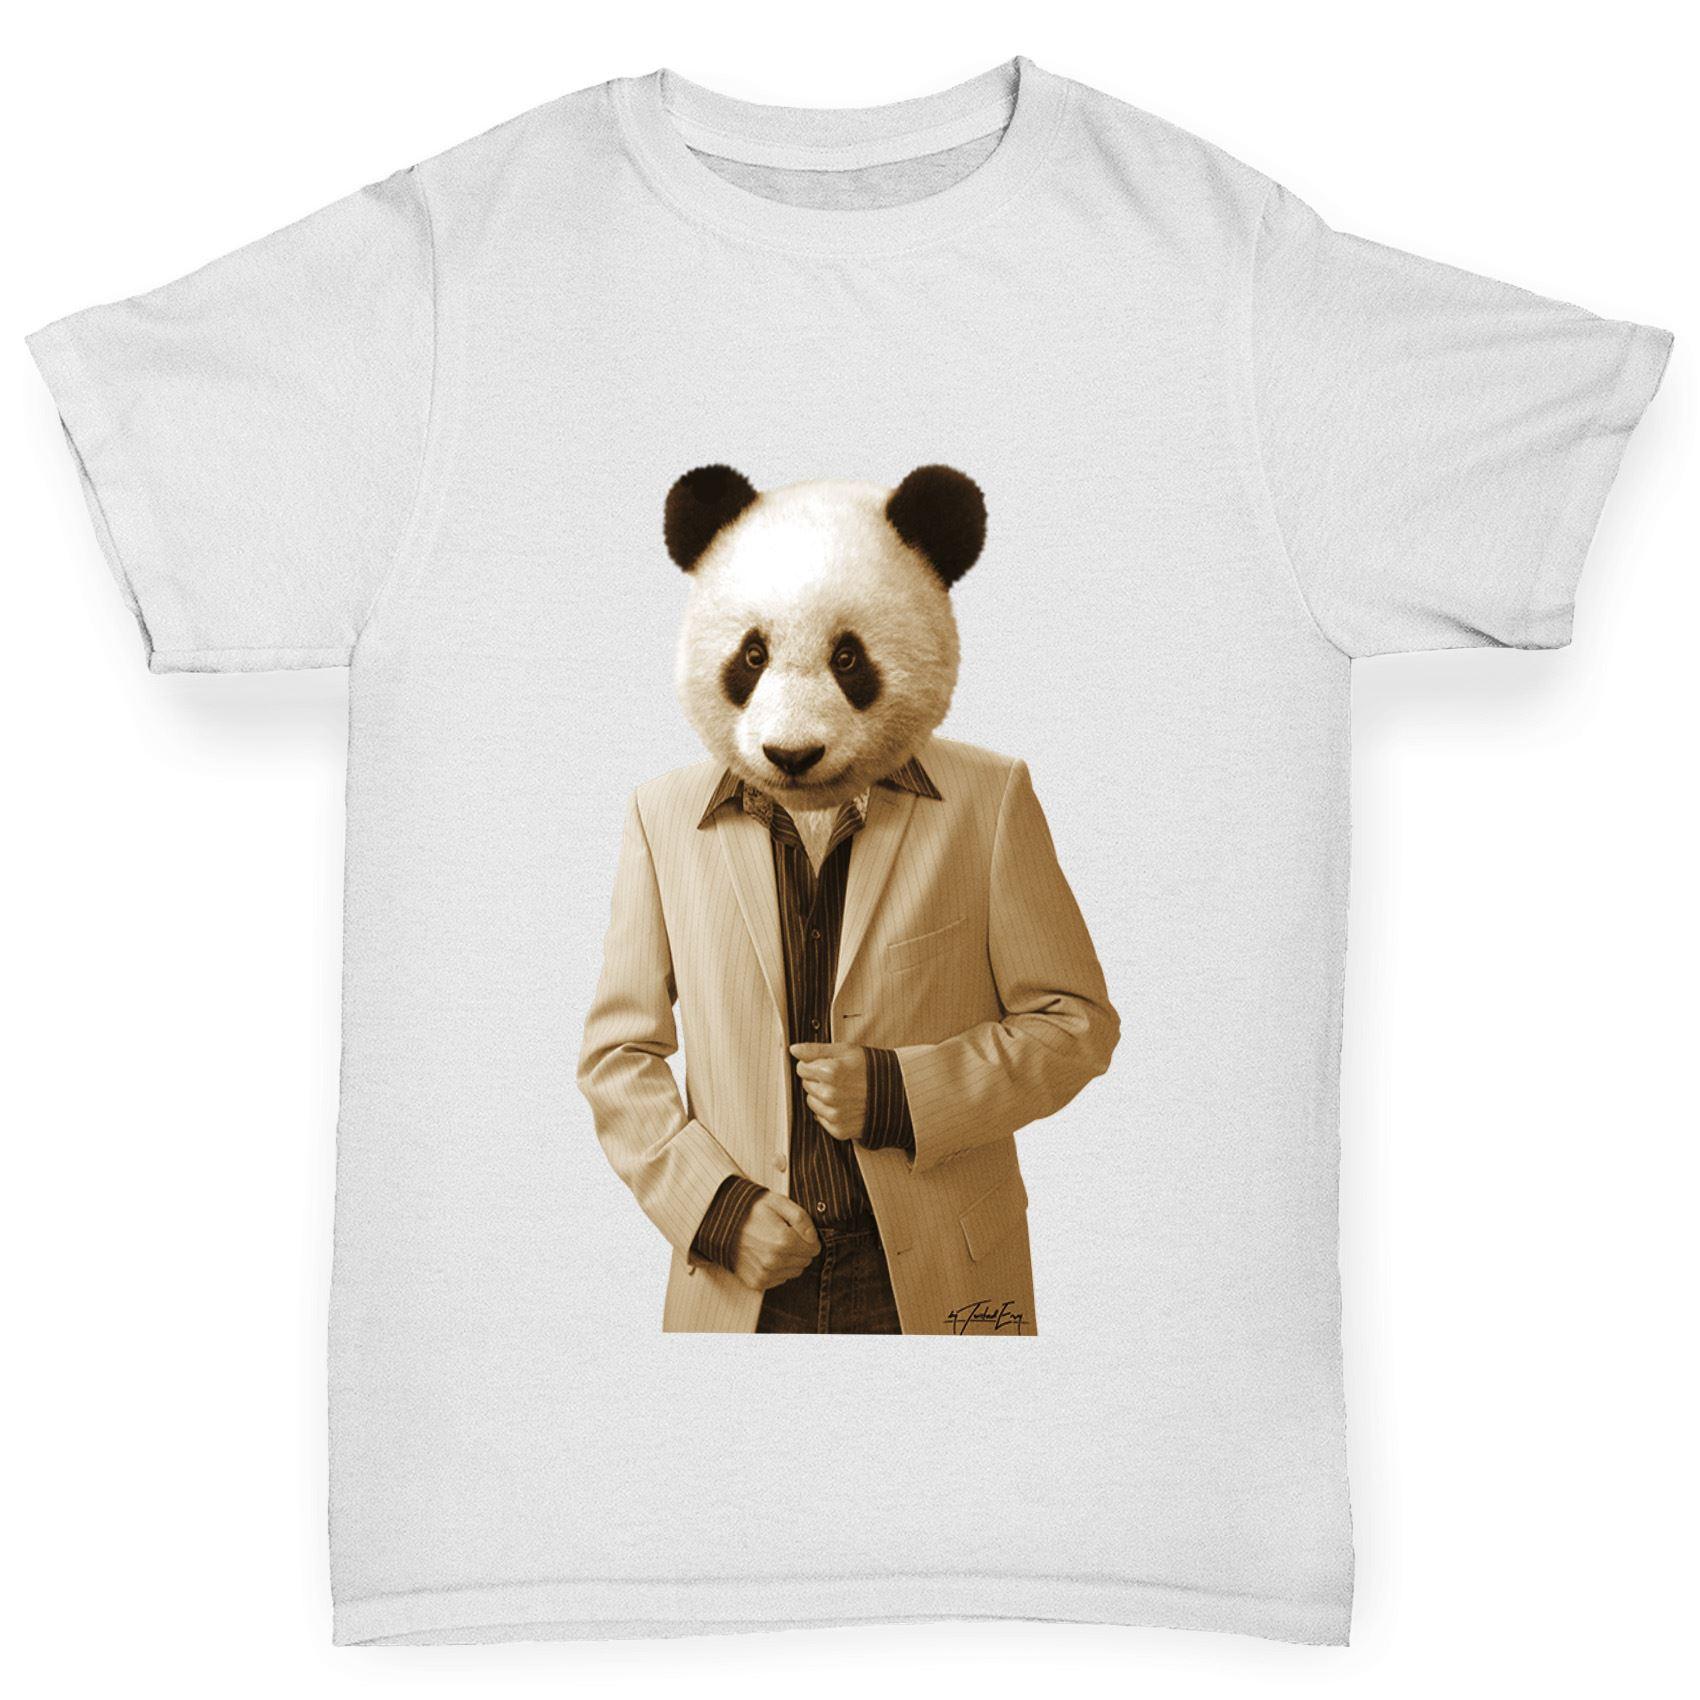 Twisted Envy Boy/'s Mr Panda 100/% Cotton T-Shirt